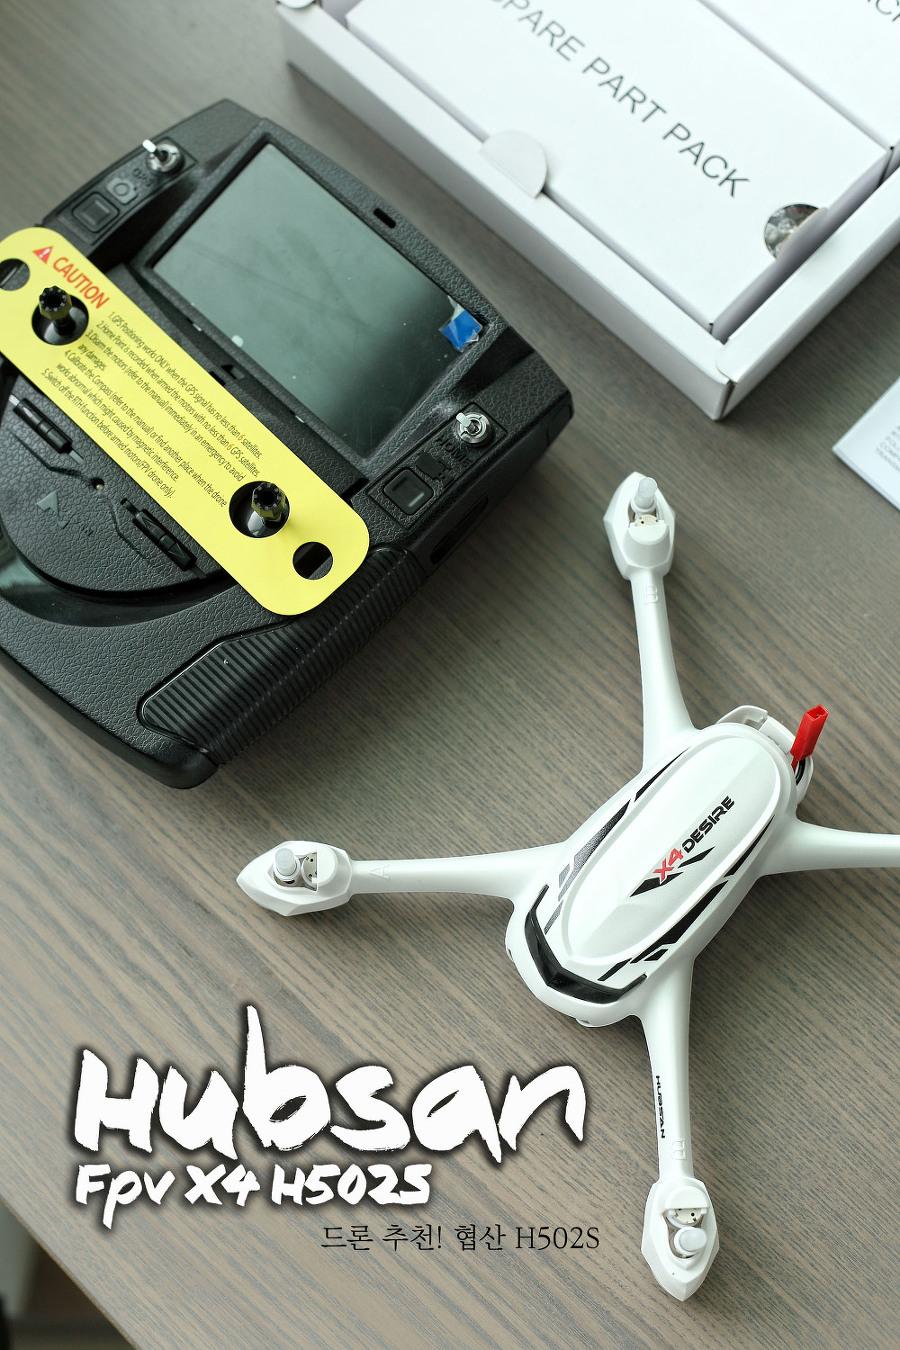 드론 추천! 협산(Hubsan X4 H502S) 리뷰